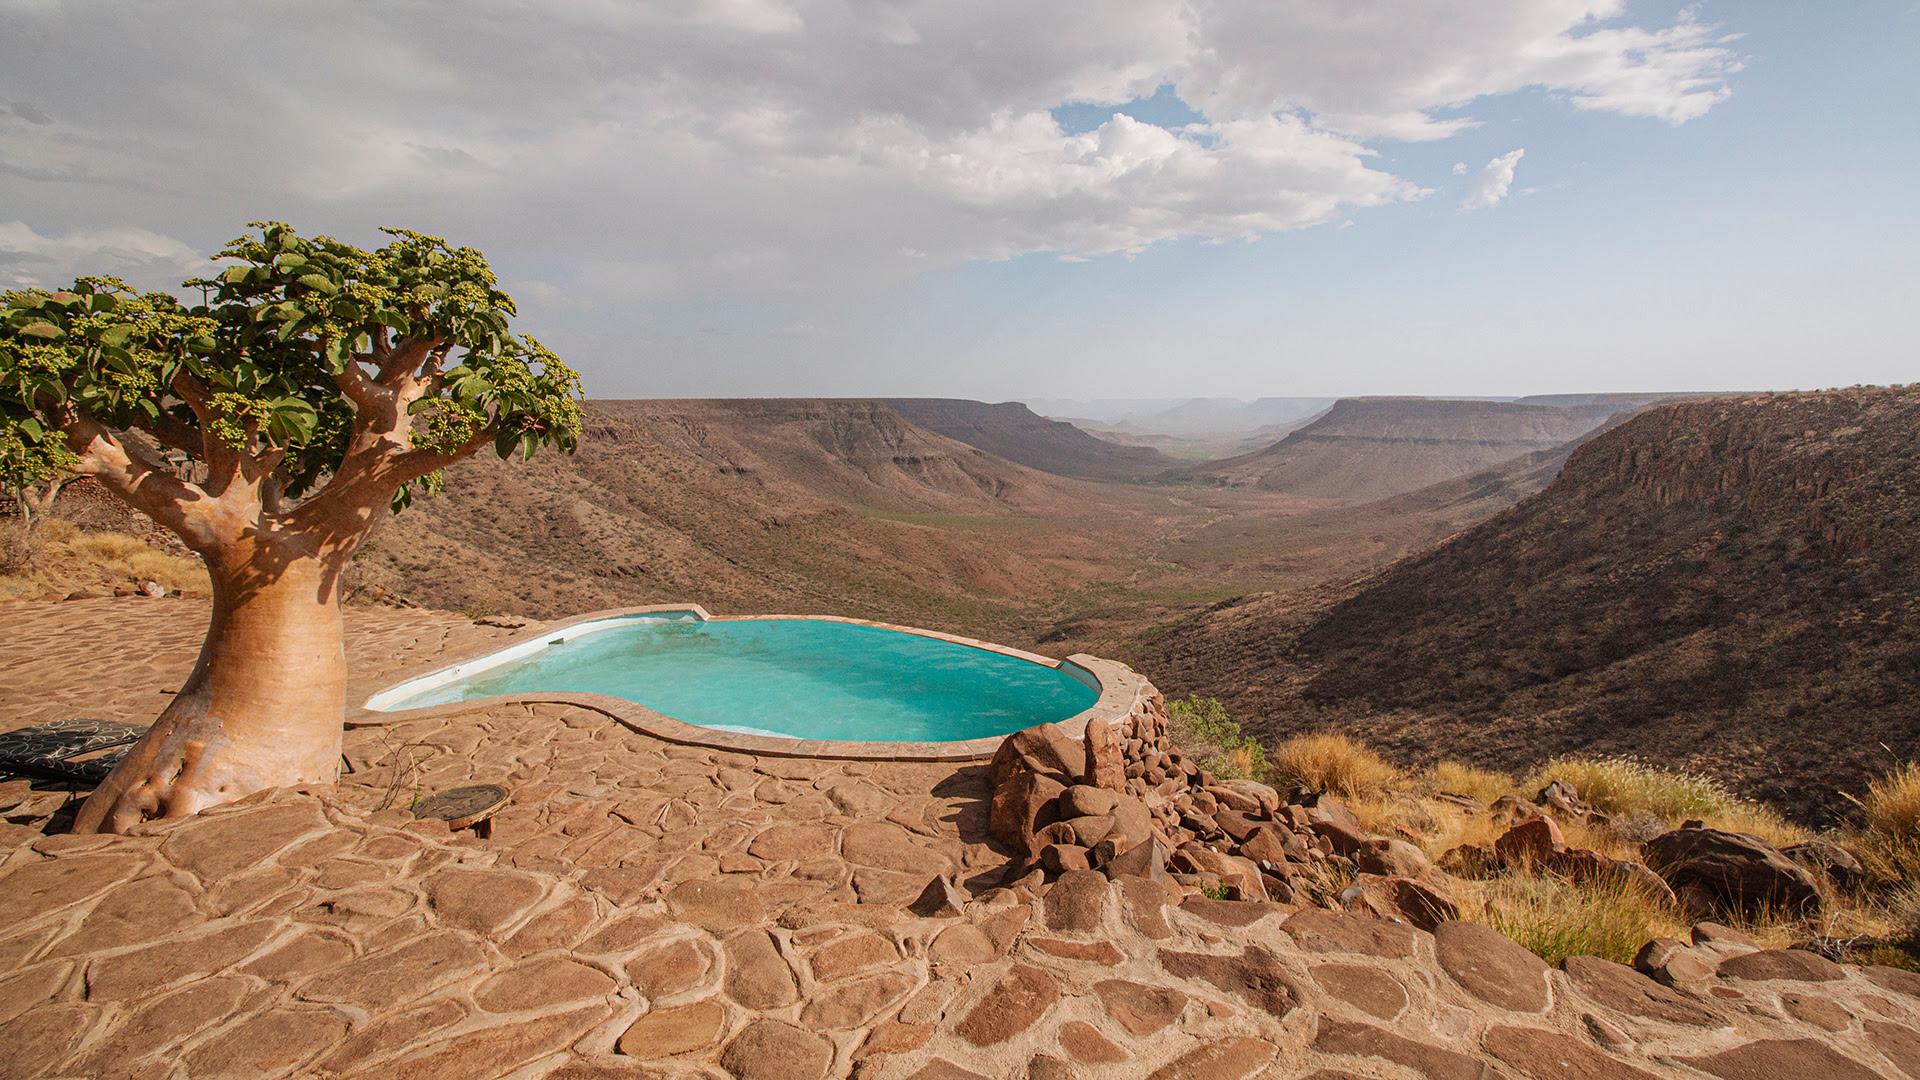 Grootberg Lodge fue el primer 'resort' turístico gestionado por la comunidad que lo creó en la región de Damaraland (Namibia). Este lujoso alojamiento fue construido con materiales naturales, funciona con energía solar y se integra a la perfección en el entorno que la rodea, el valle del río Klip